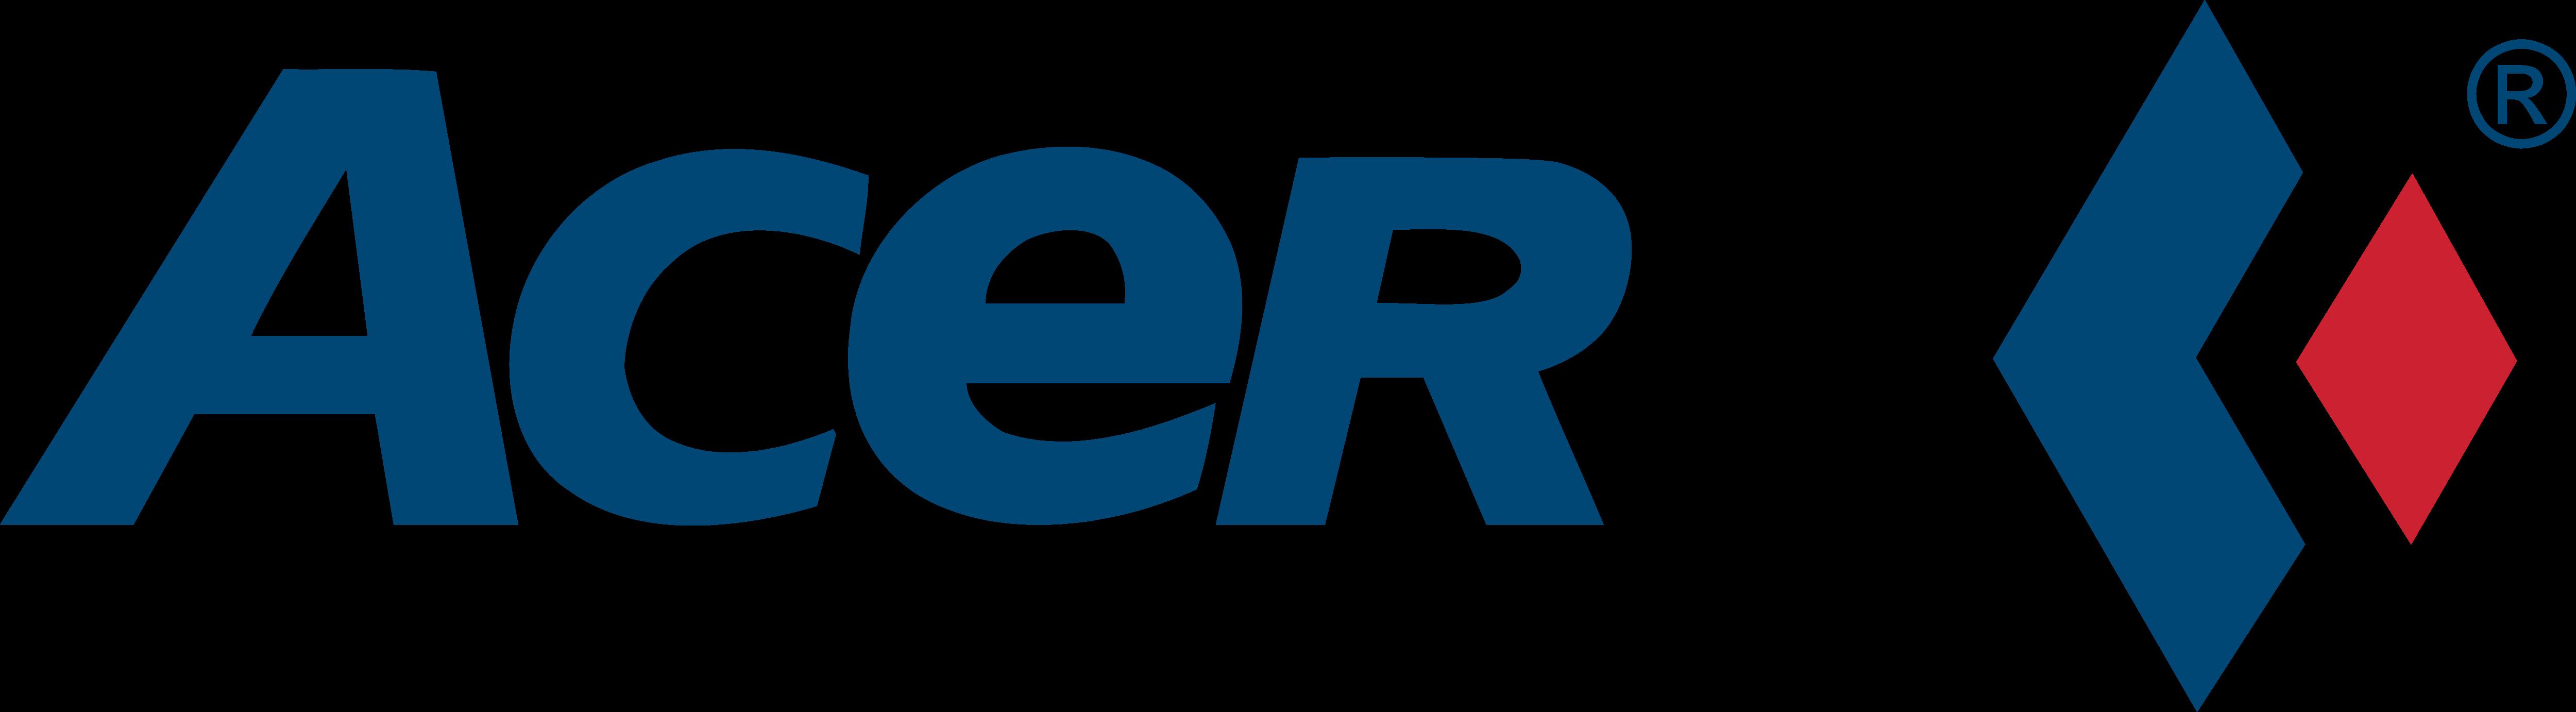 Acer Logos Download